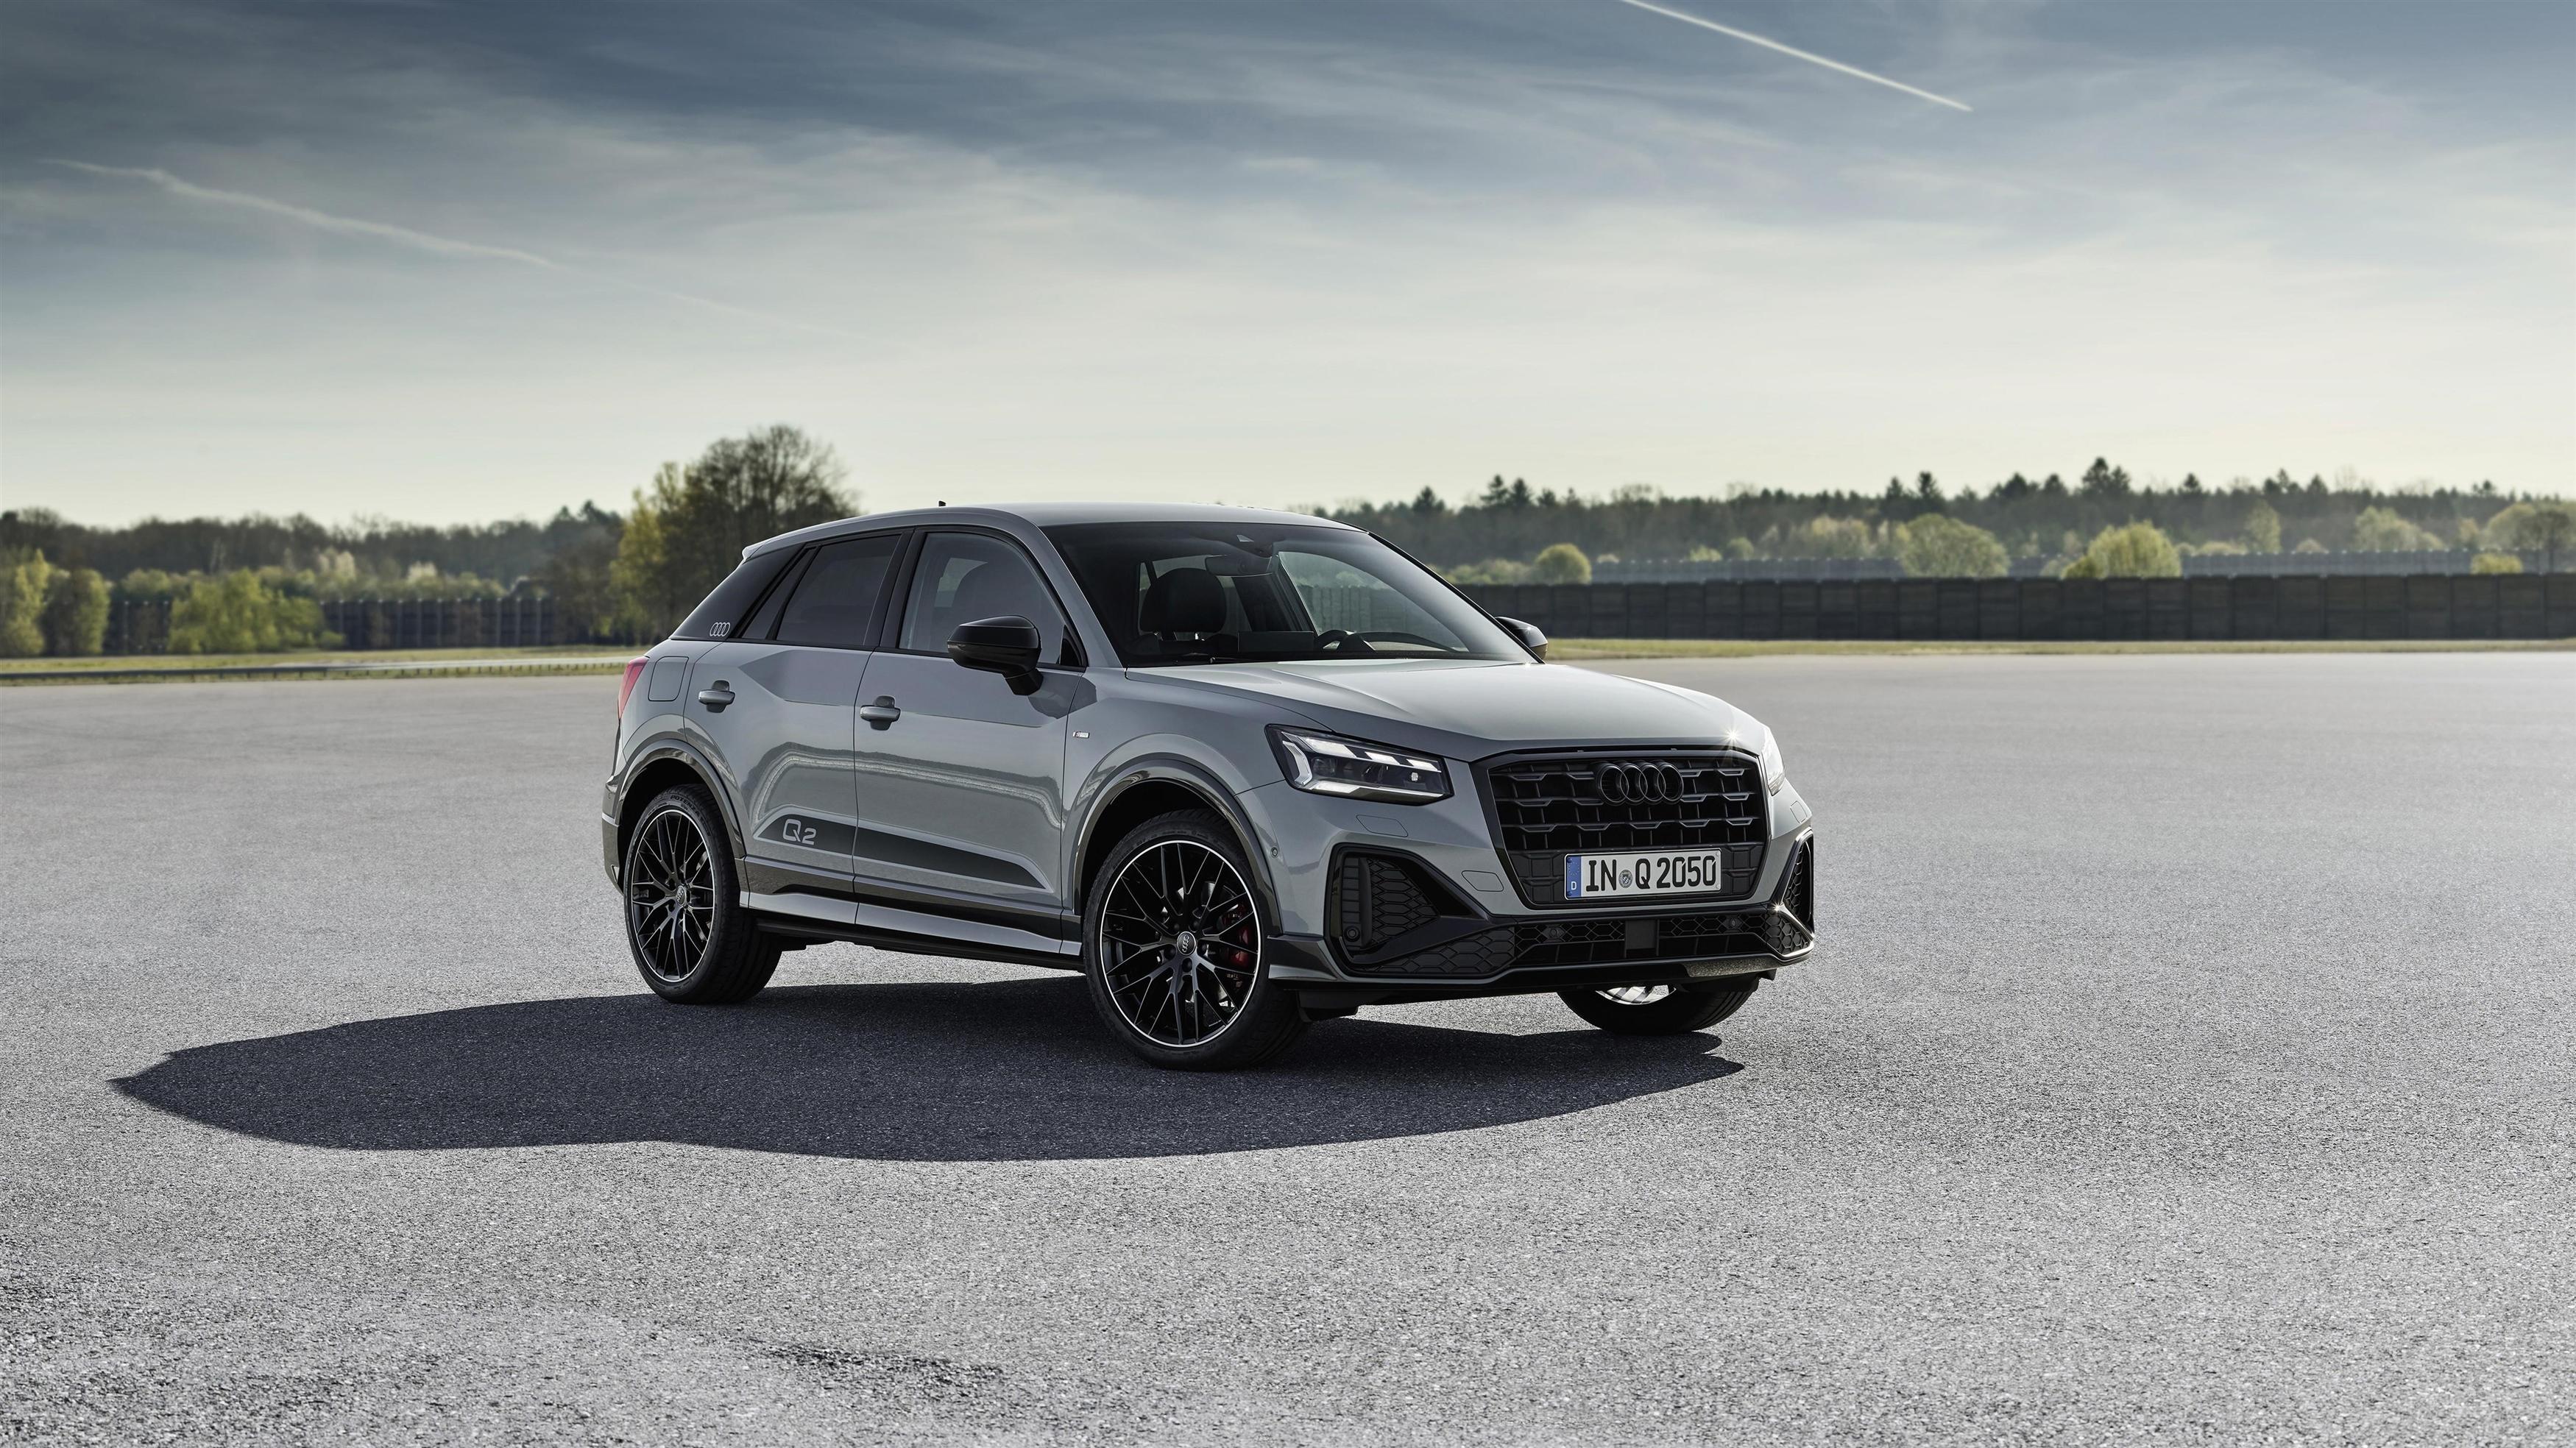 Audi q2 35 tfsi S line 2020 3 автомобиля обои скачать